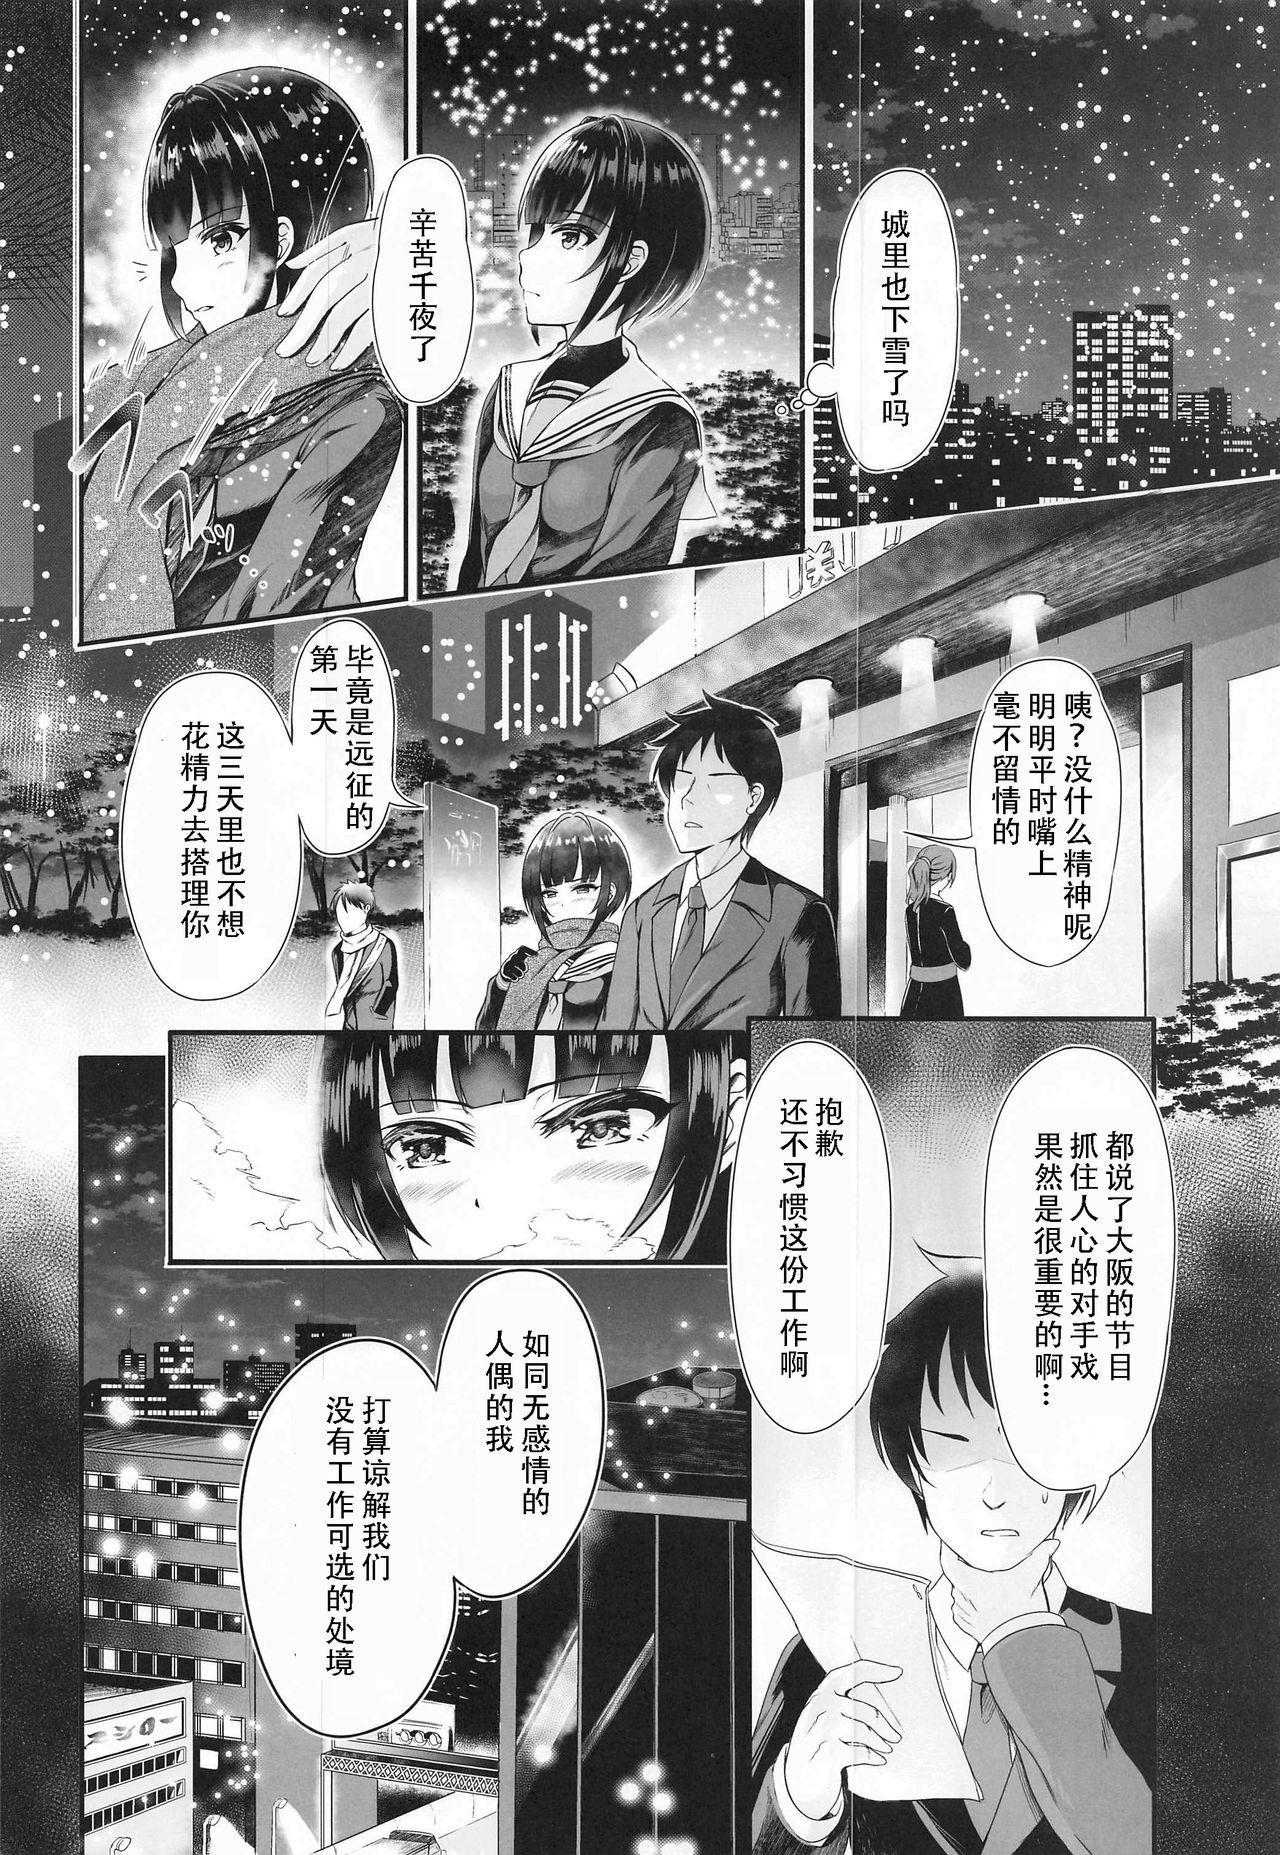 Koi no Maho to Shirayukihime 5